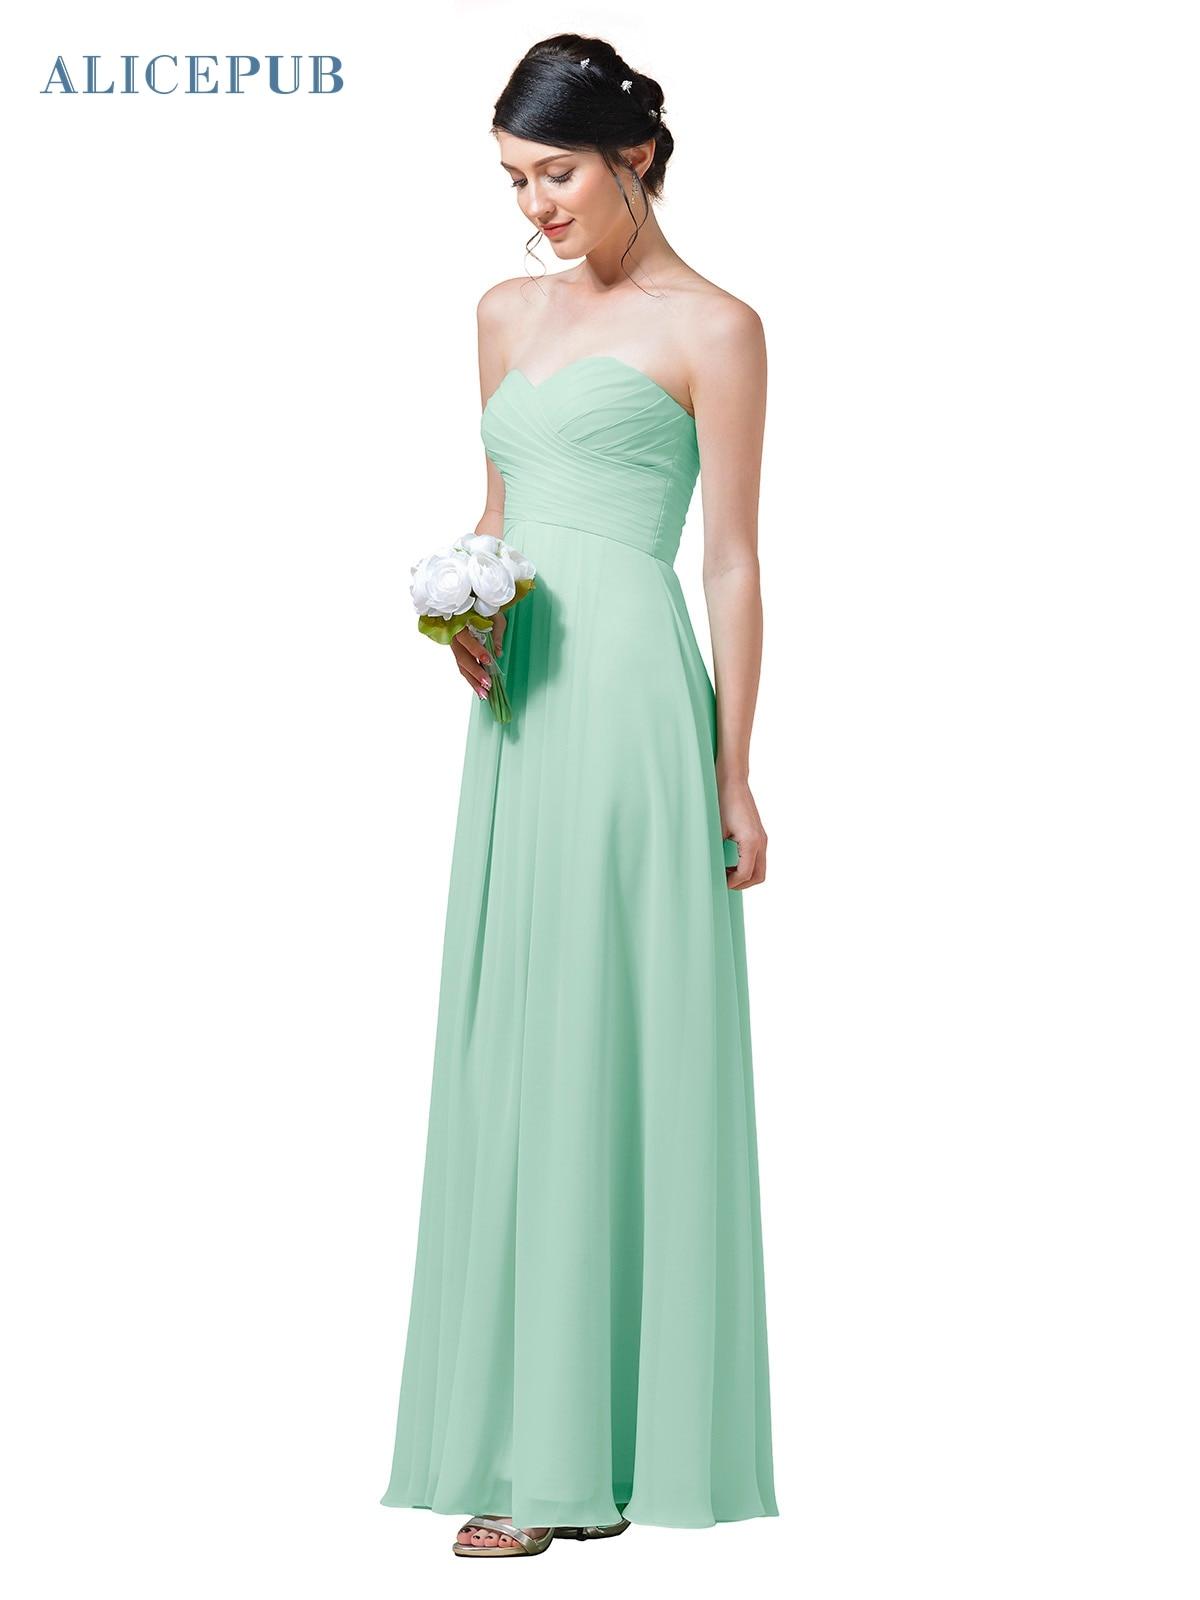 Gemütlich Brautjungfer Kleid Idee Fotos - Hochzeit Kleid Stile Ideen ...